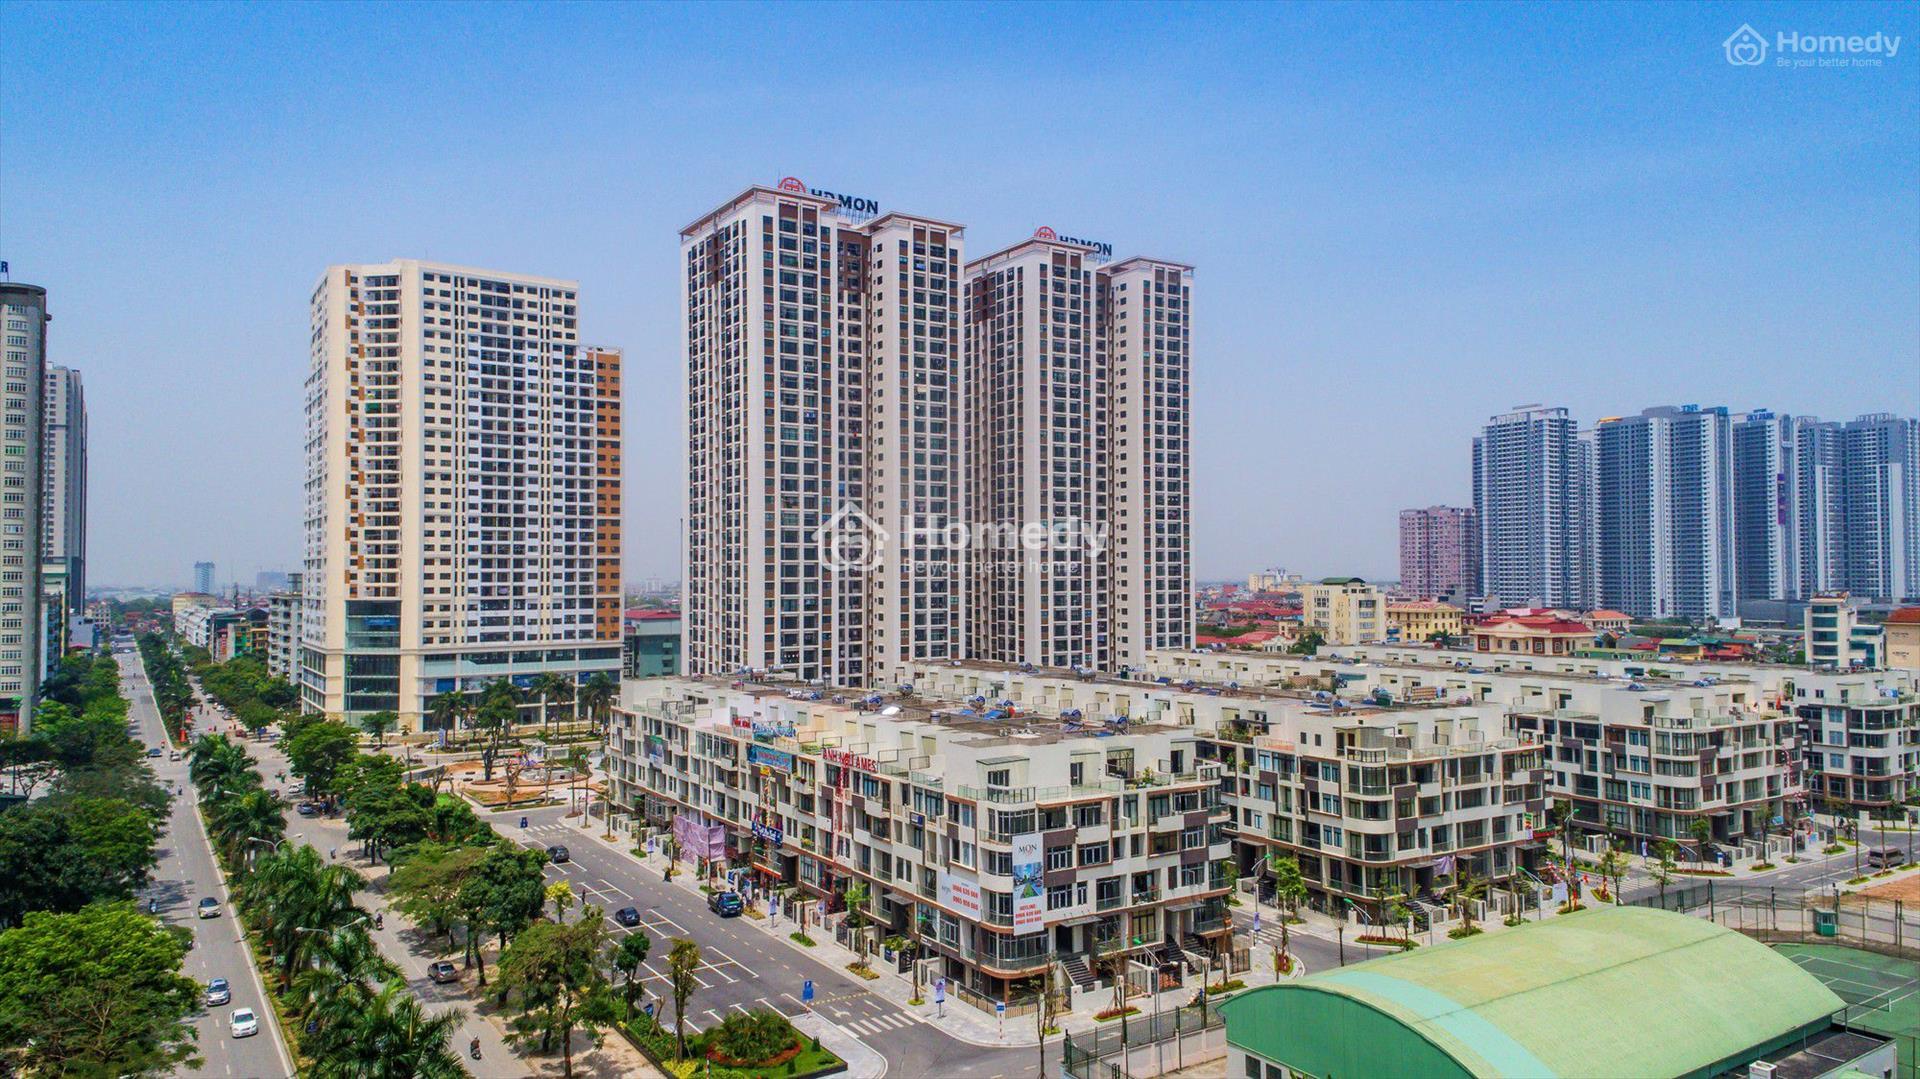 căn hộ chung cư được dự báo tăng giá trong thời gian tới